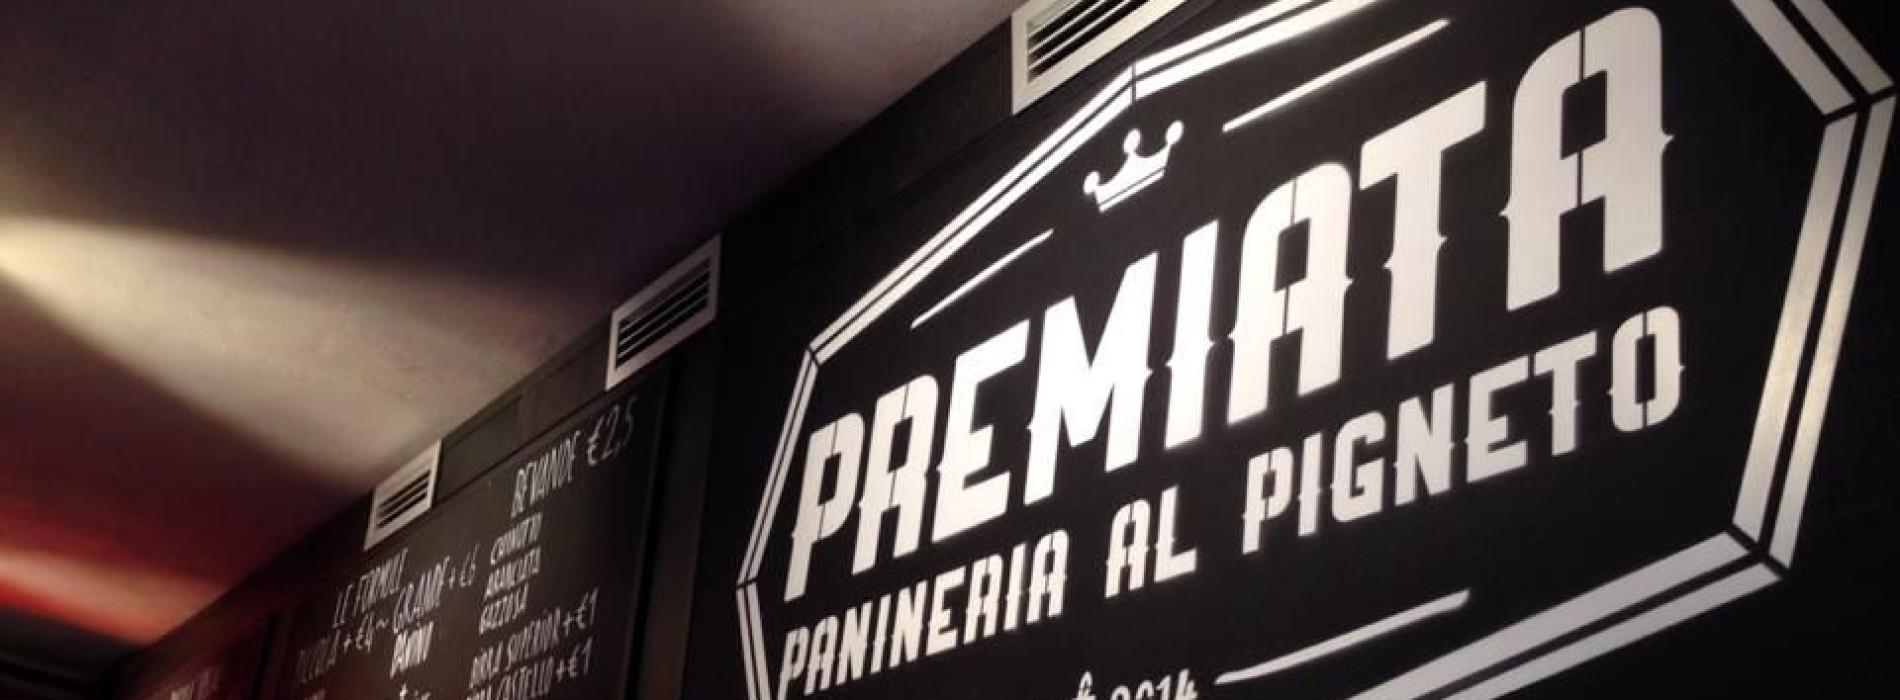 Premiata panineria Pigneto a Roma davanti a Necci: panini vegan, fish&chips, panelle e baccalà